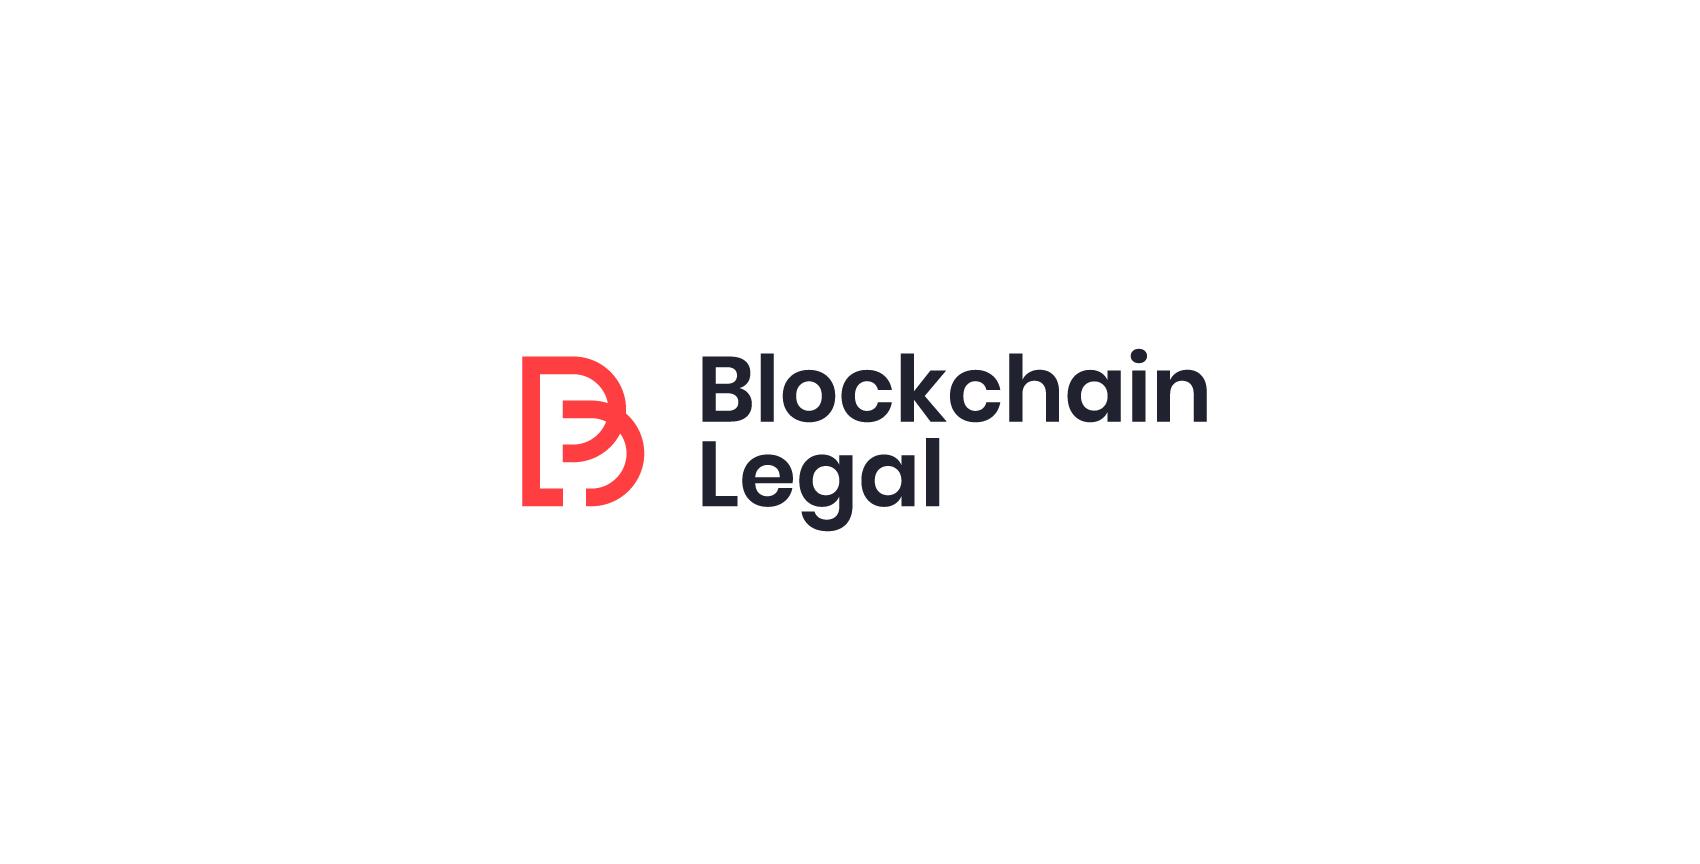 BL-logo-pozitiv-hlavni.png